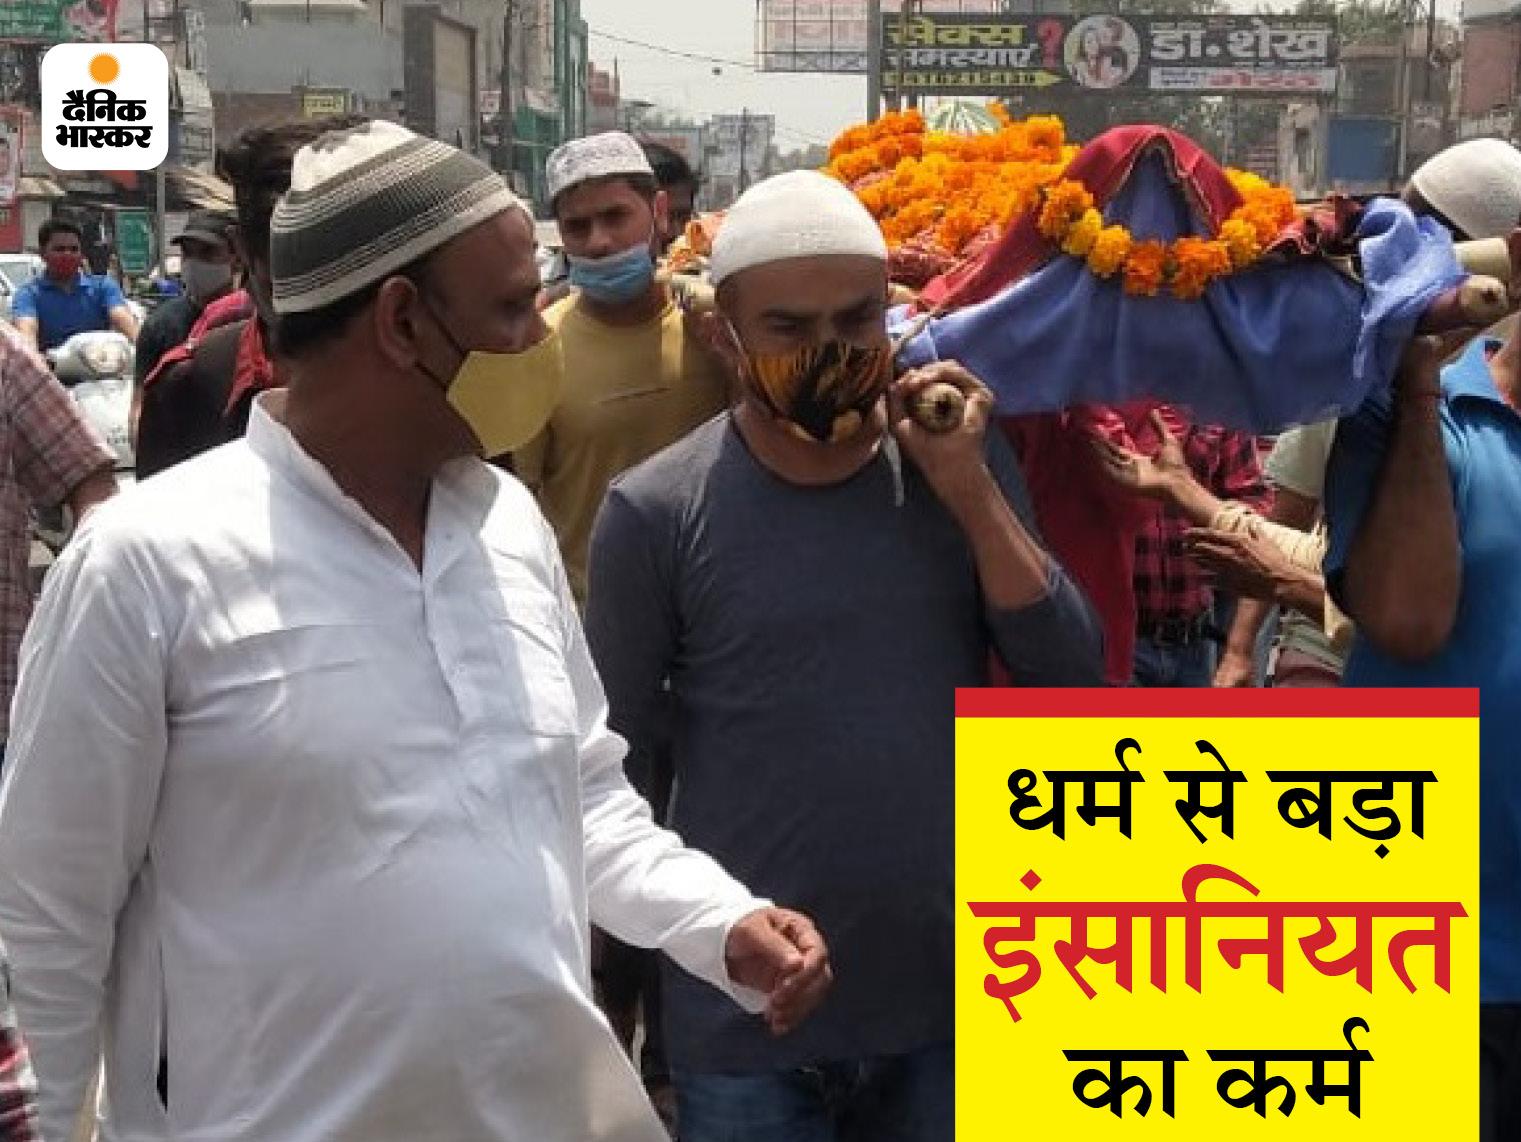 अर्थी को कंधा देने में रिश्तेदारों ने किया किनारा तो पड़ोस में रहने वाले मुस्लिम बने सहारा, करवाया अंतिम संस्कार|मेरठ,Meerut - Dainik Bhaskar